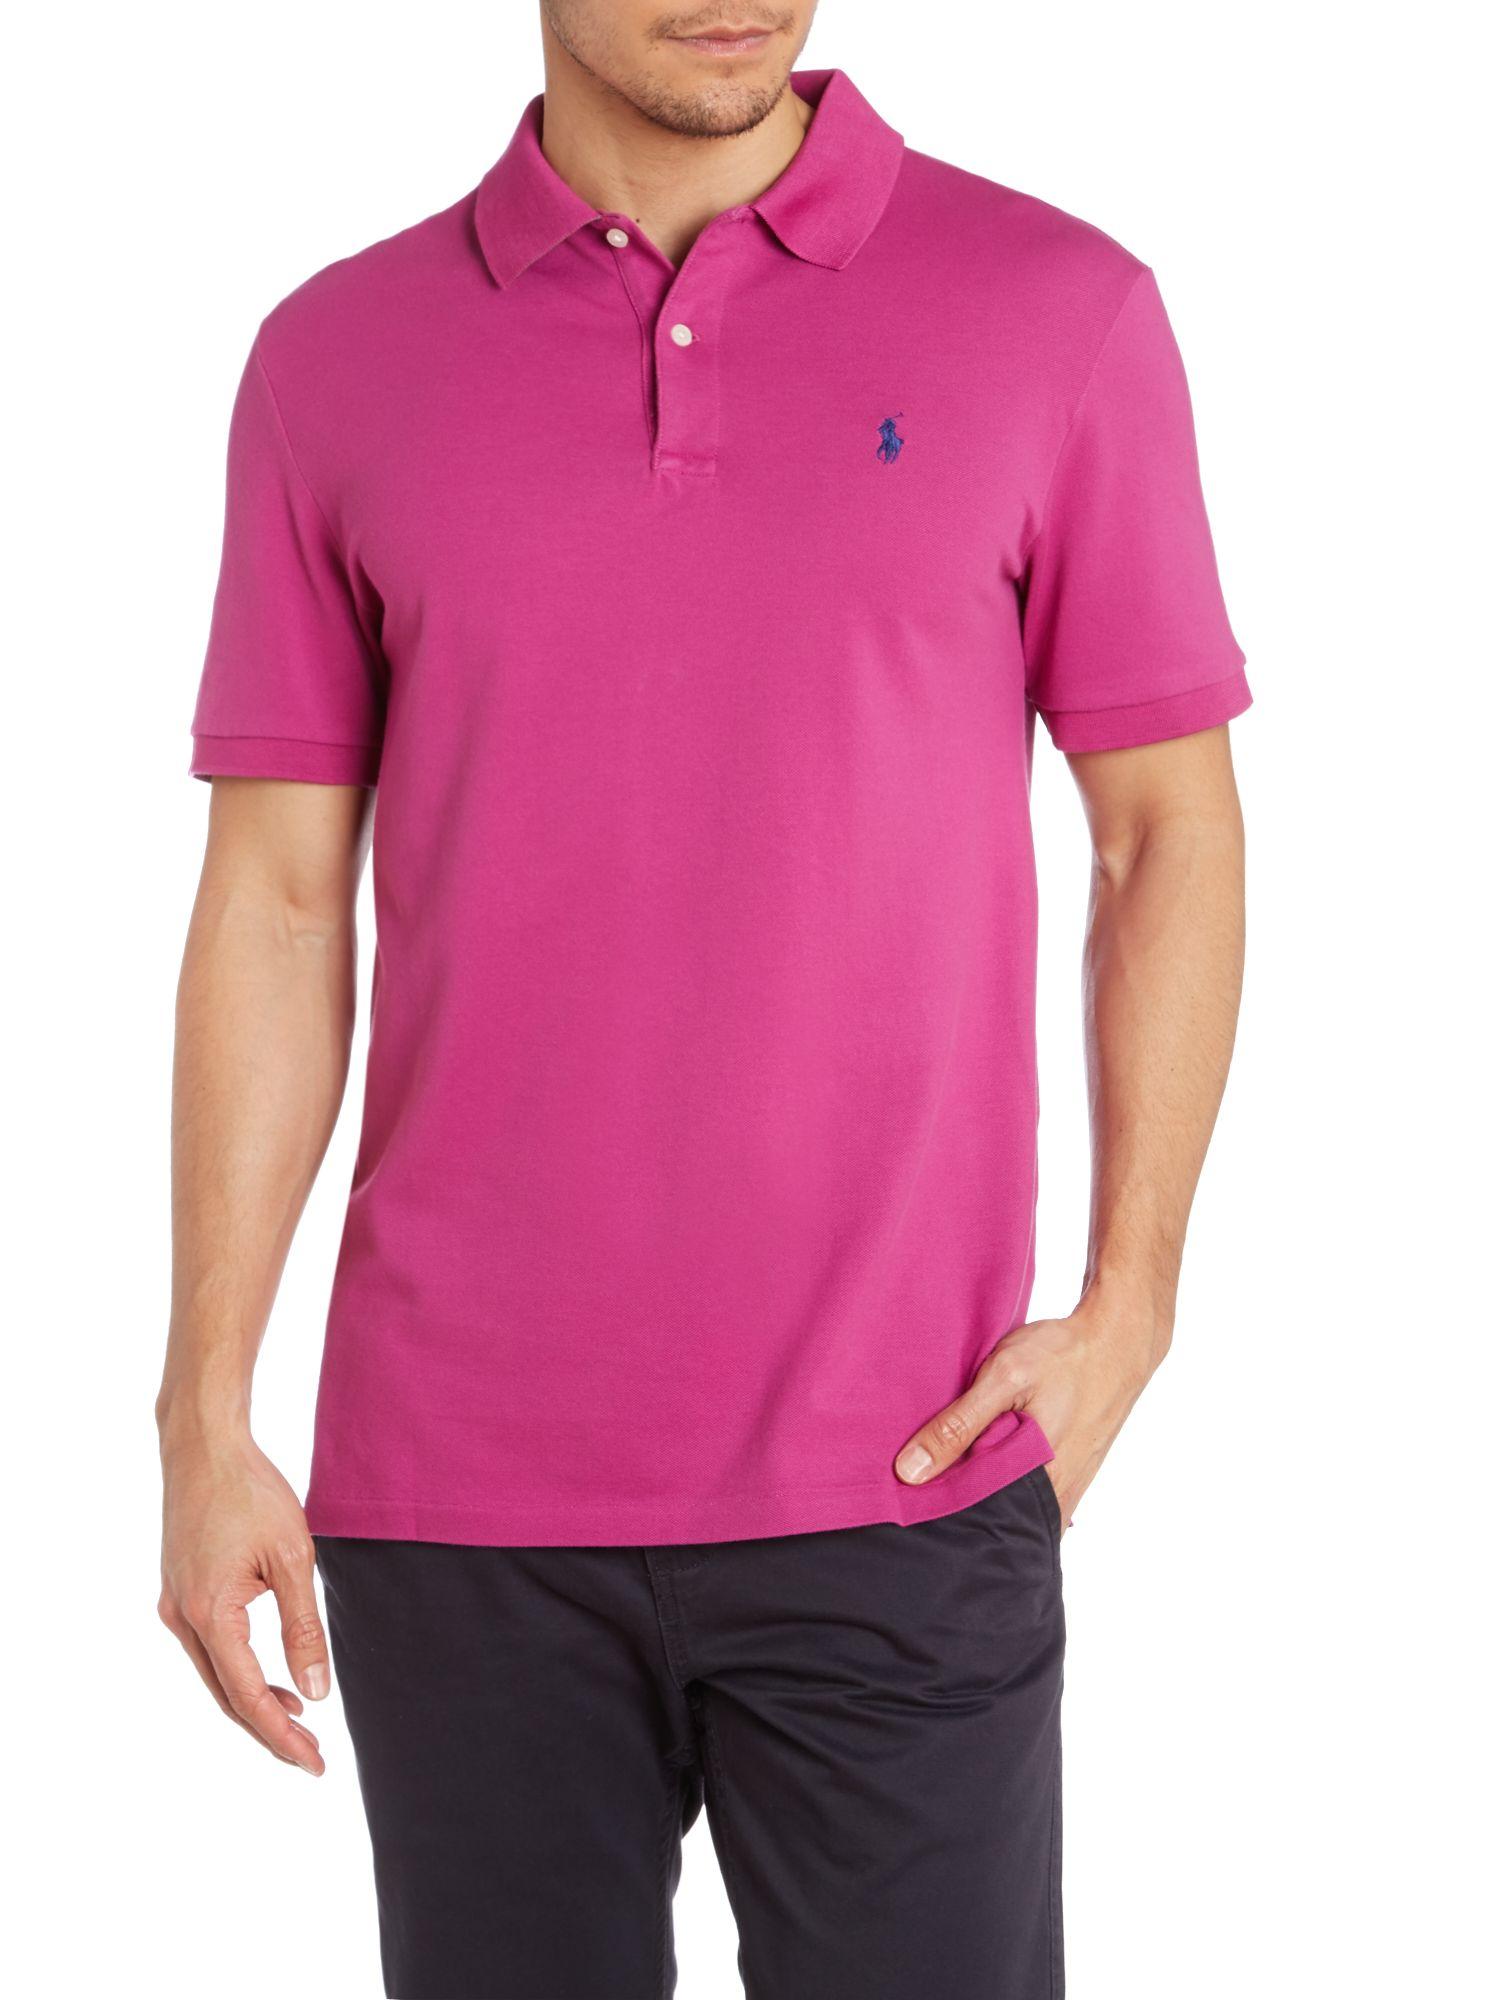 Ralph lauren golf contrast collar polo shirt in pink for for Pink and white ralph lauren shirt